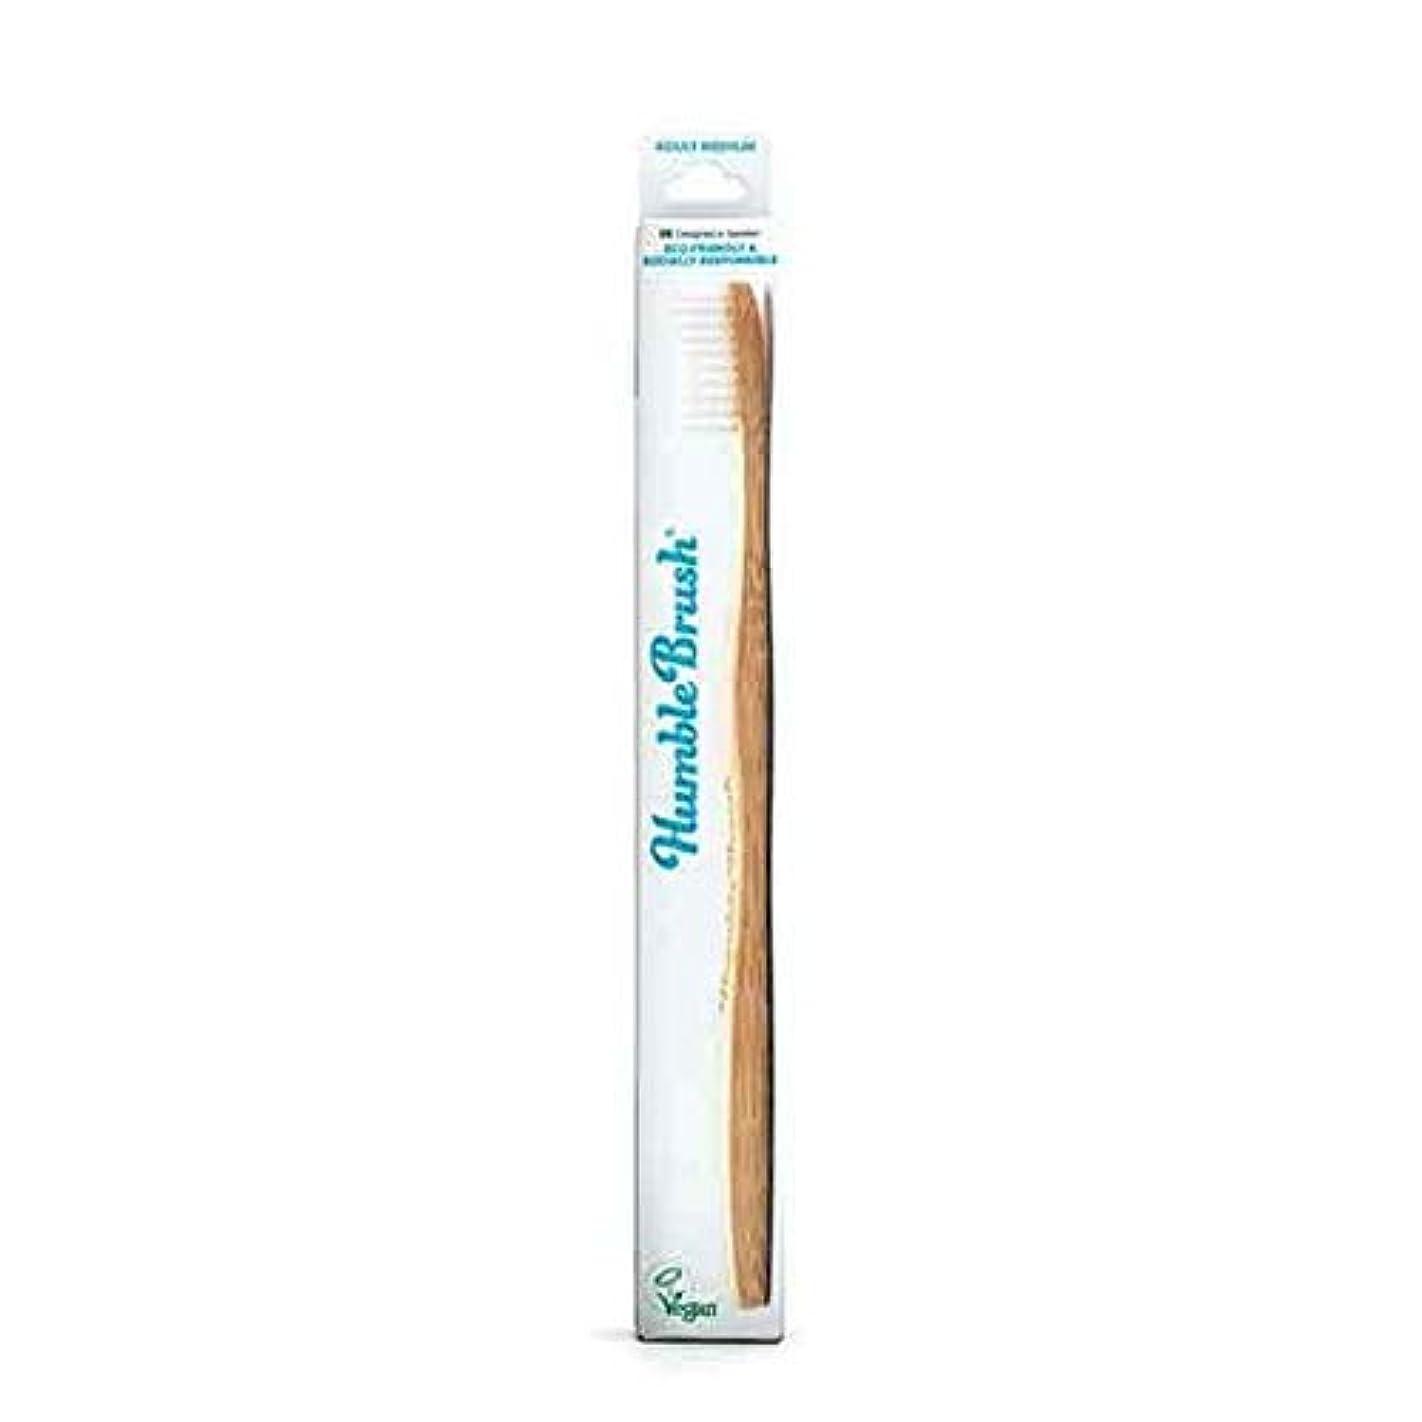 介入する文明化する愛人[The Humble Co ] 謙虚なブラシ大人竹の歯ブラシ白 - Humble Brush Adults Bamboo Toothbrush White [並行輸入品]